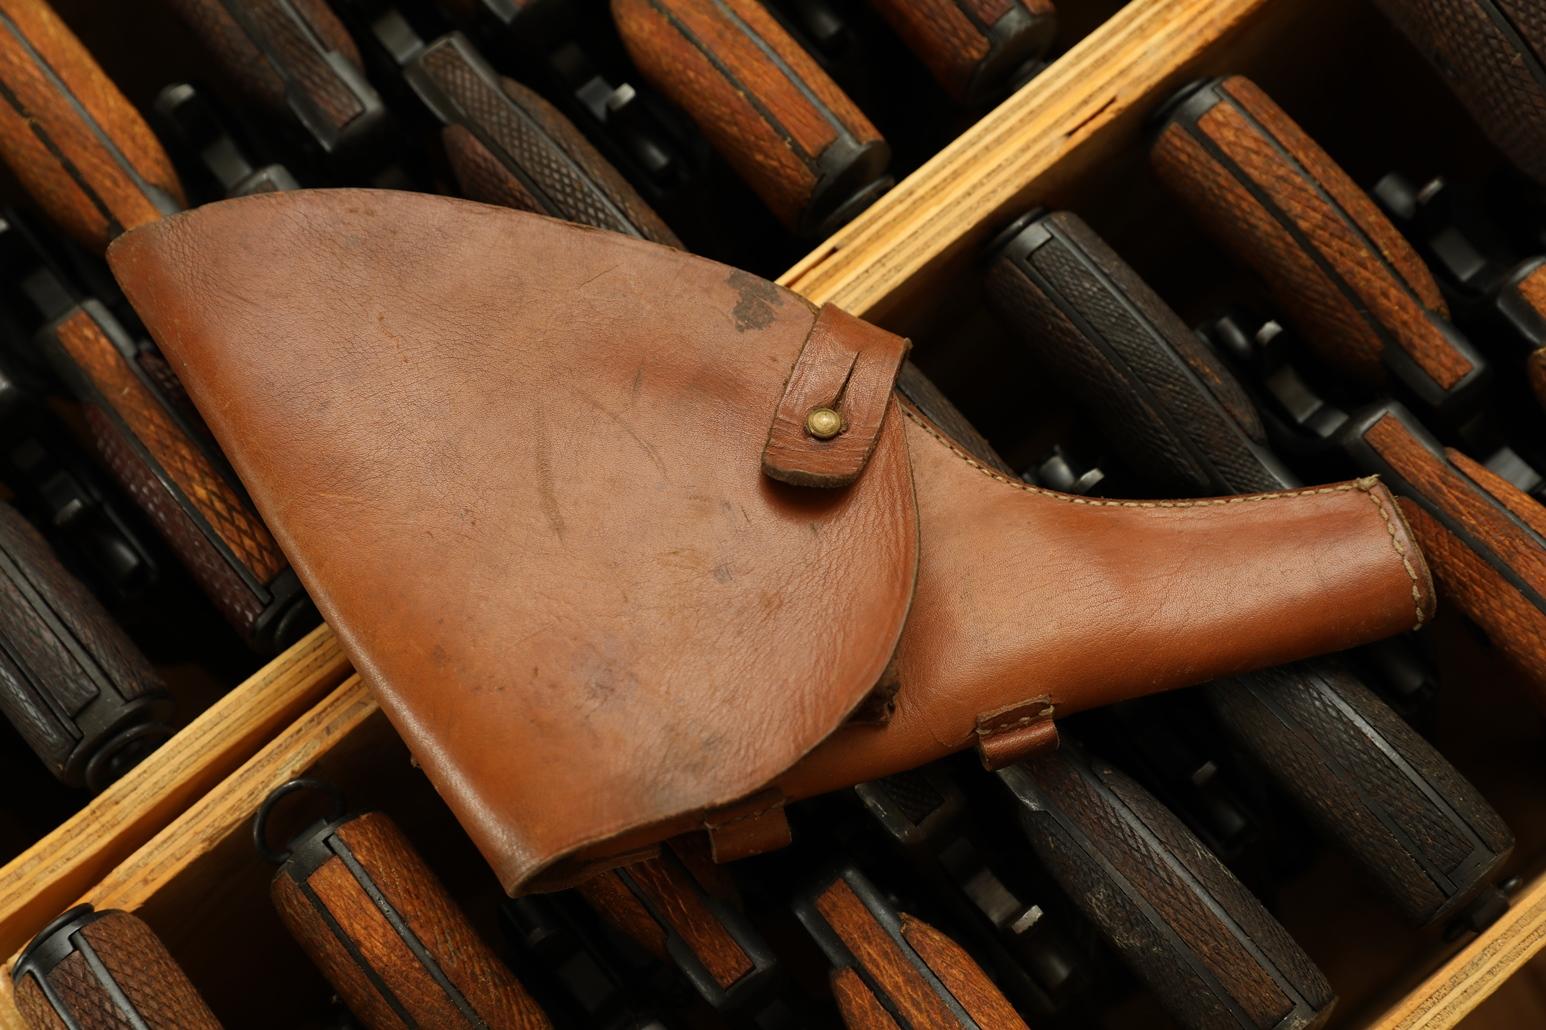 Царская кобура для револьвера Наган, склад